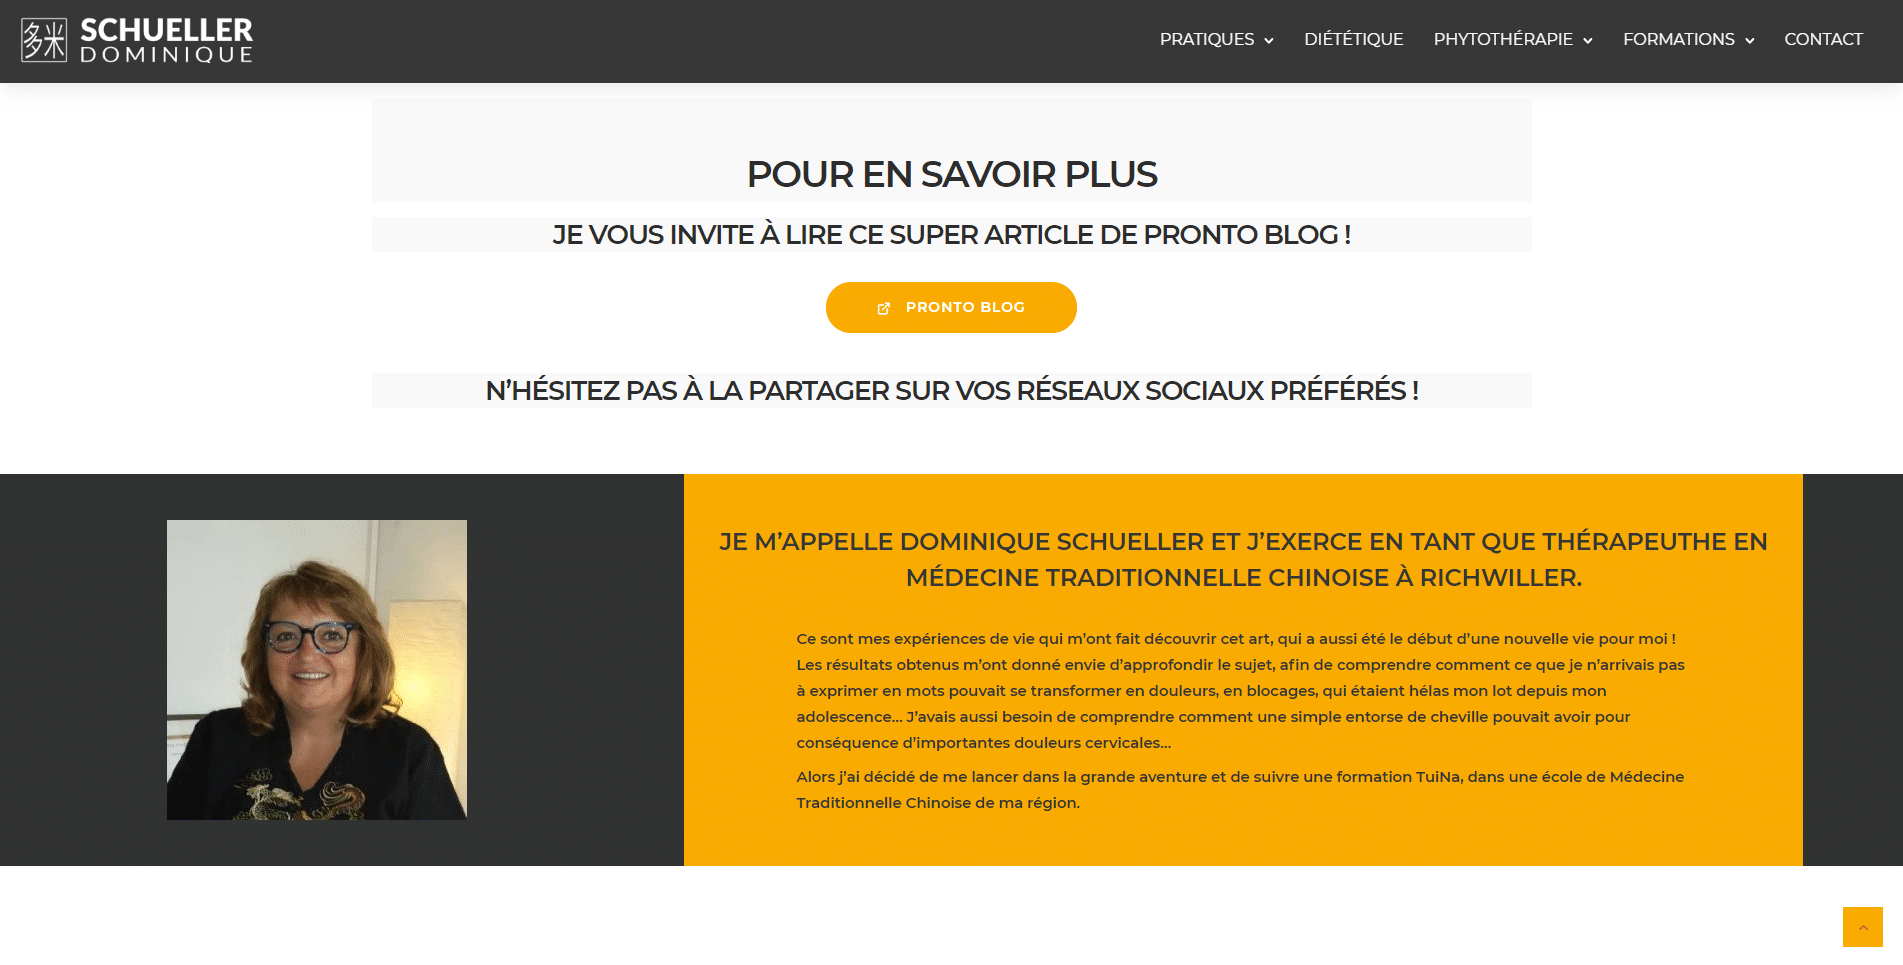 Dominique Schueller, traitements efficaces et naturels, client Karedess, une agence web situé à Mulhouse